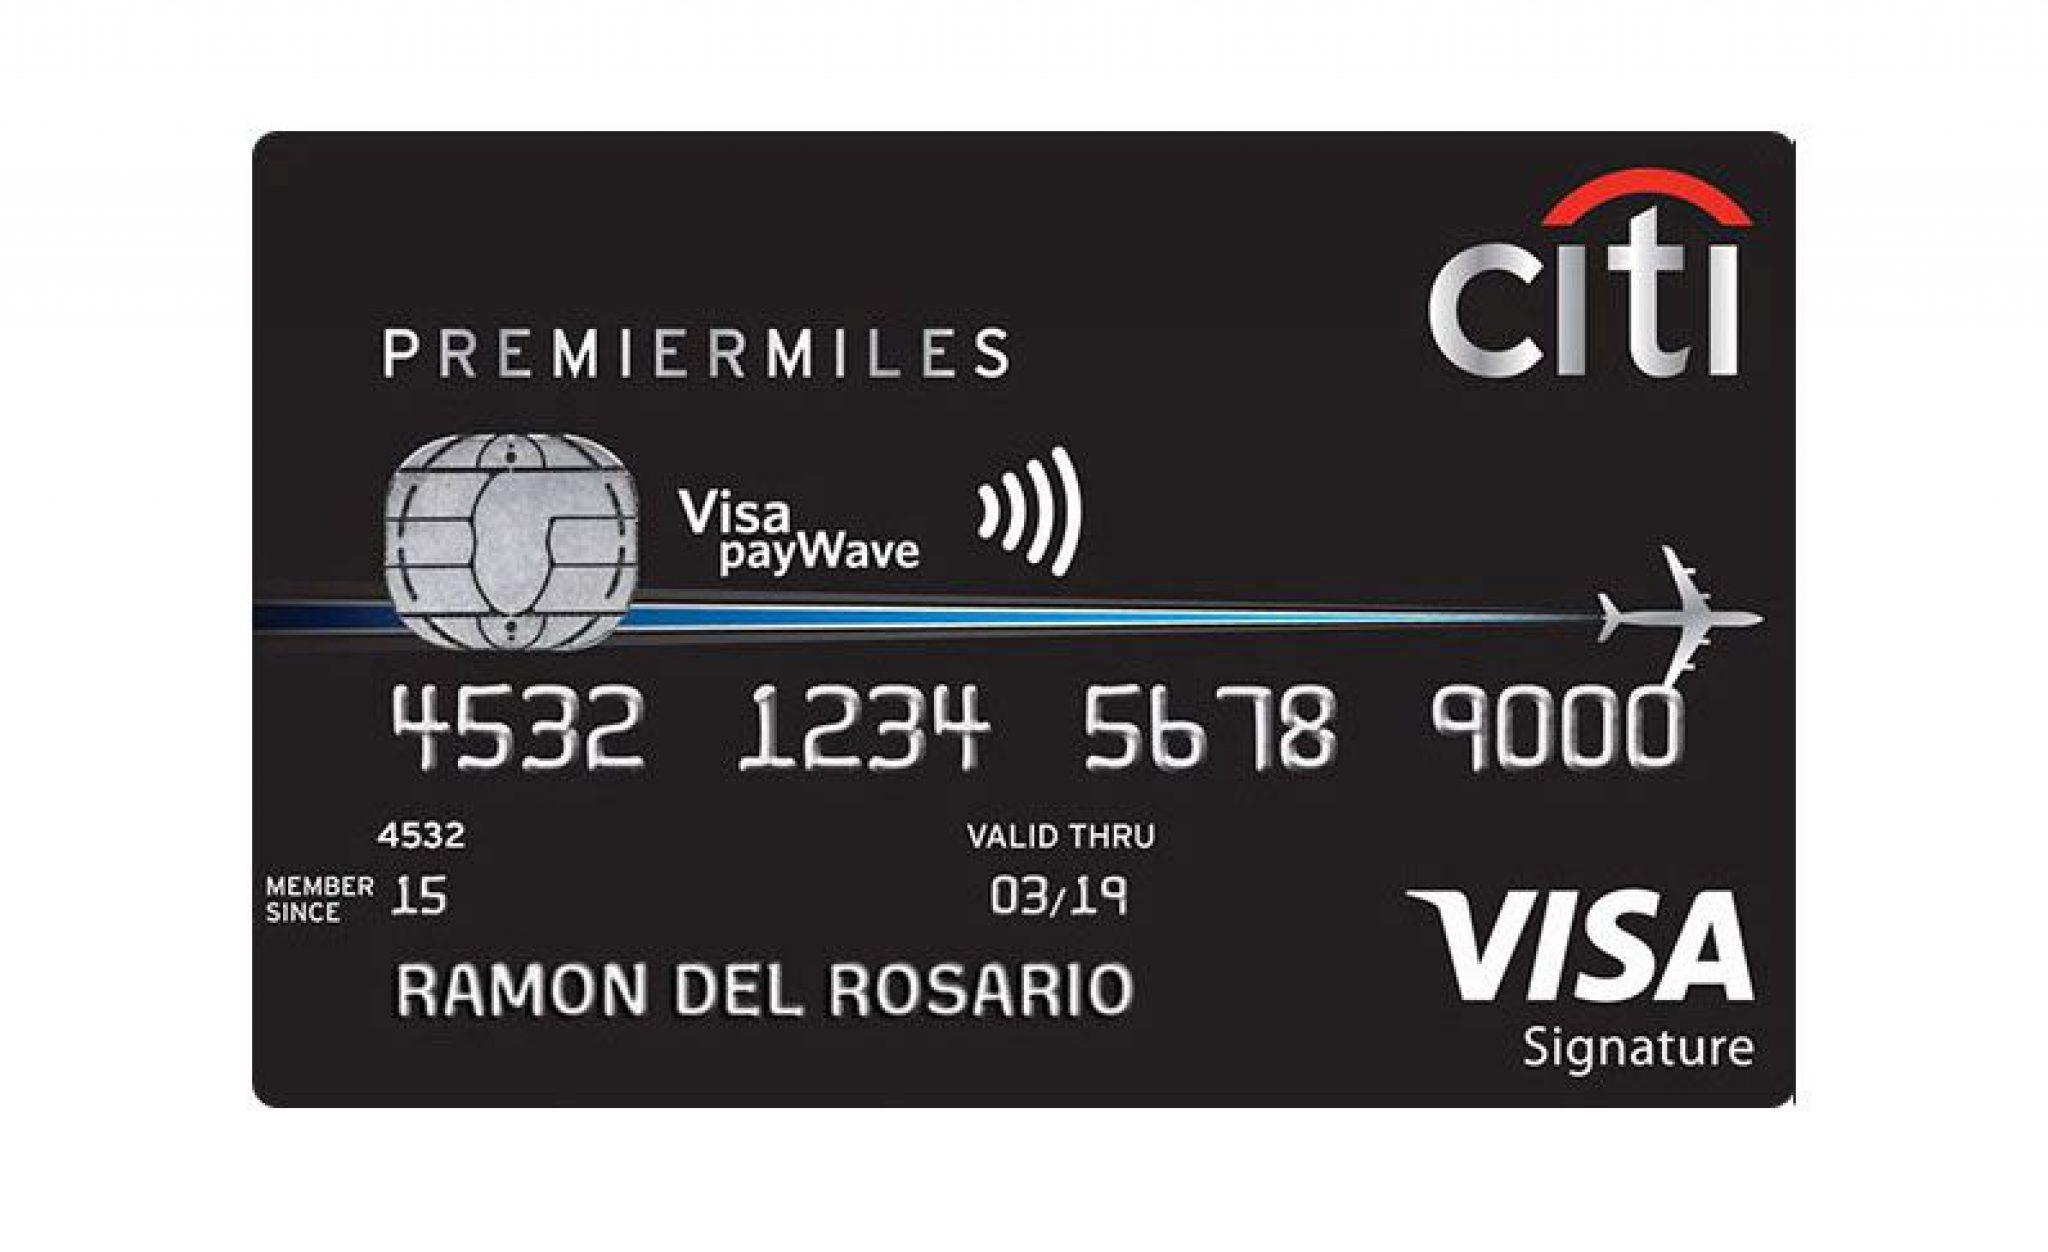 Citi Premir Miles Visa